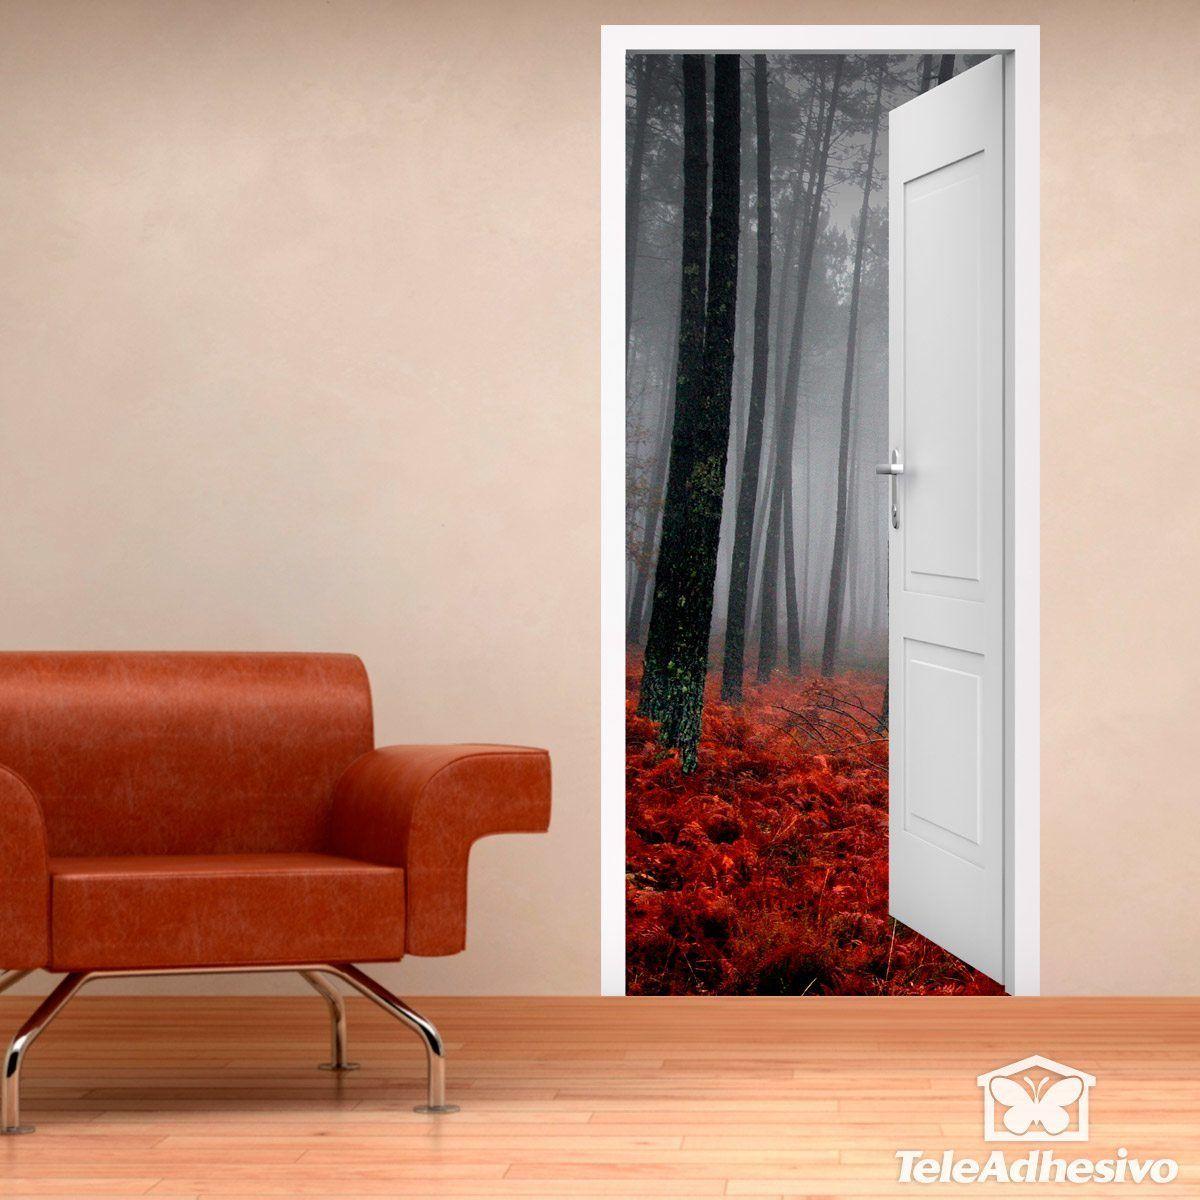 Vinilo decorativo puerta abierta de un bosque en oto o for Vinilos decorativos puertas